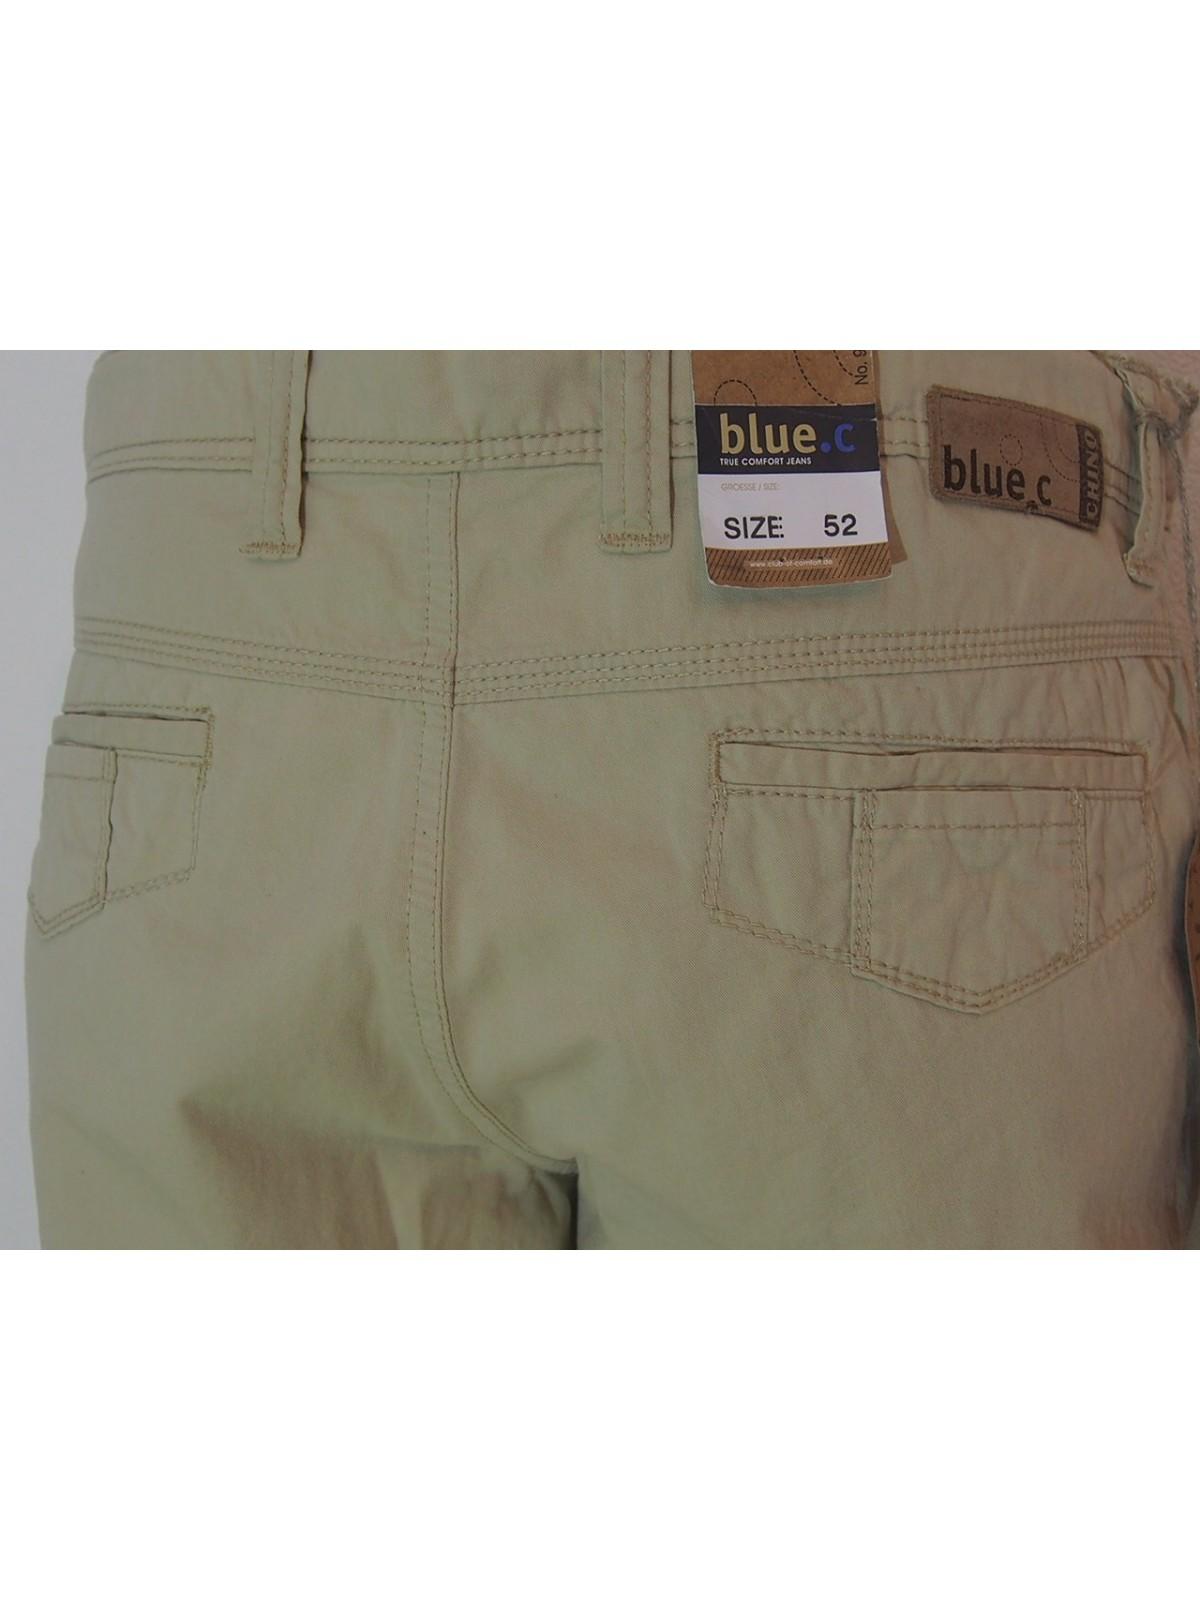 Брюки мужские Club of comfort (Blue.C) Carlos 5125 36